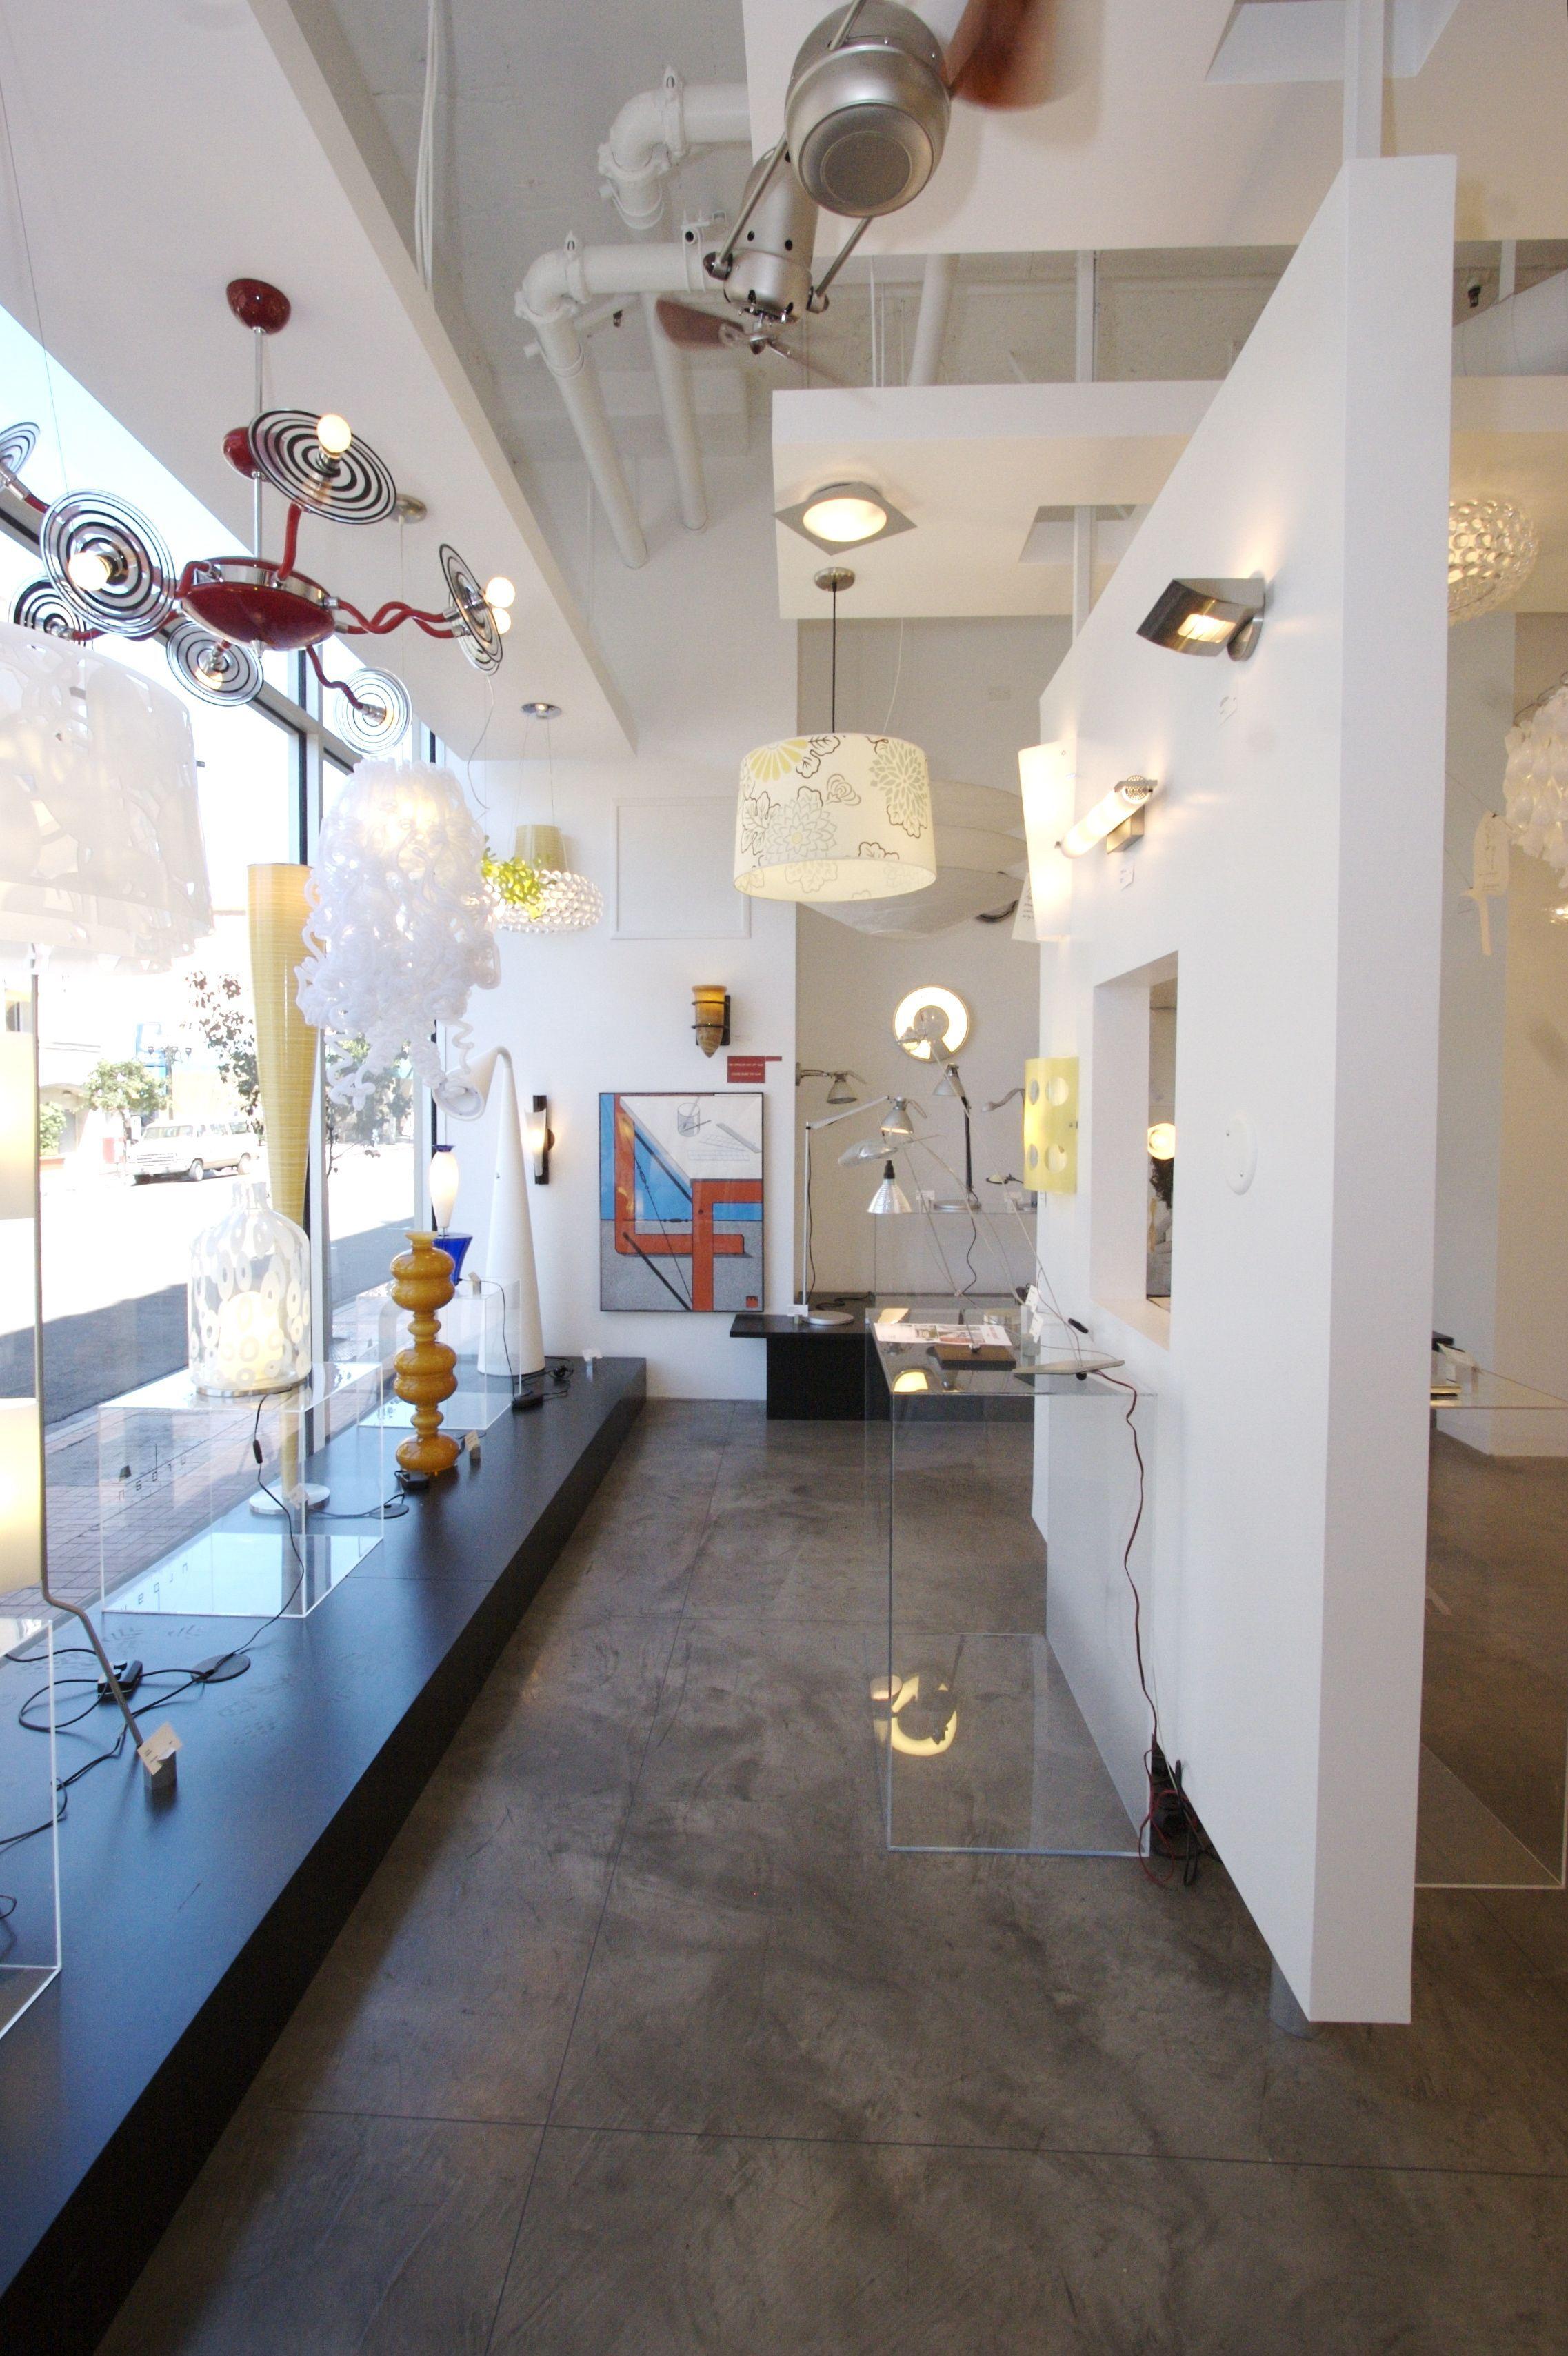 Urban Lighting Showroom Image. | Lighting showroom ...